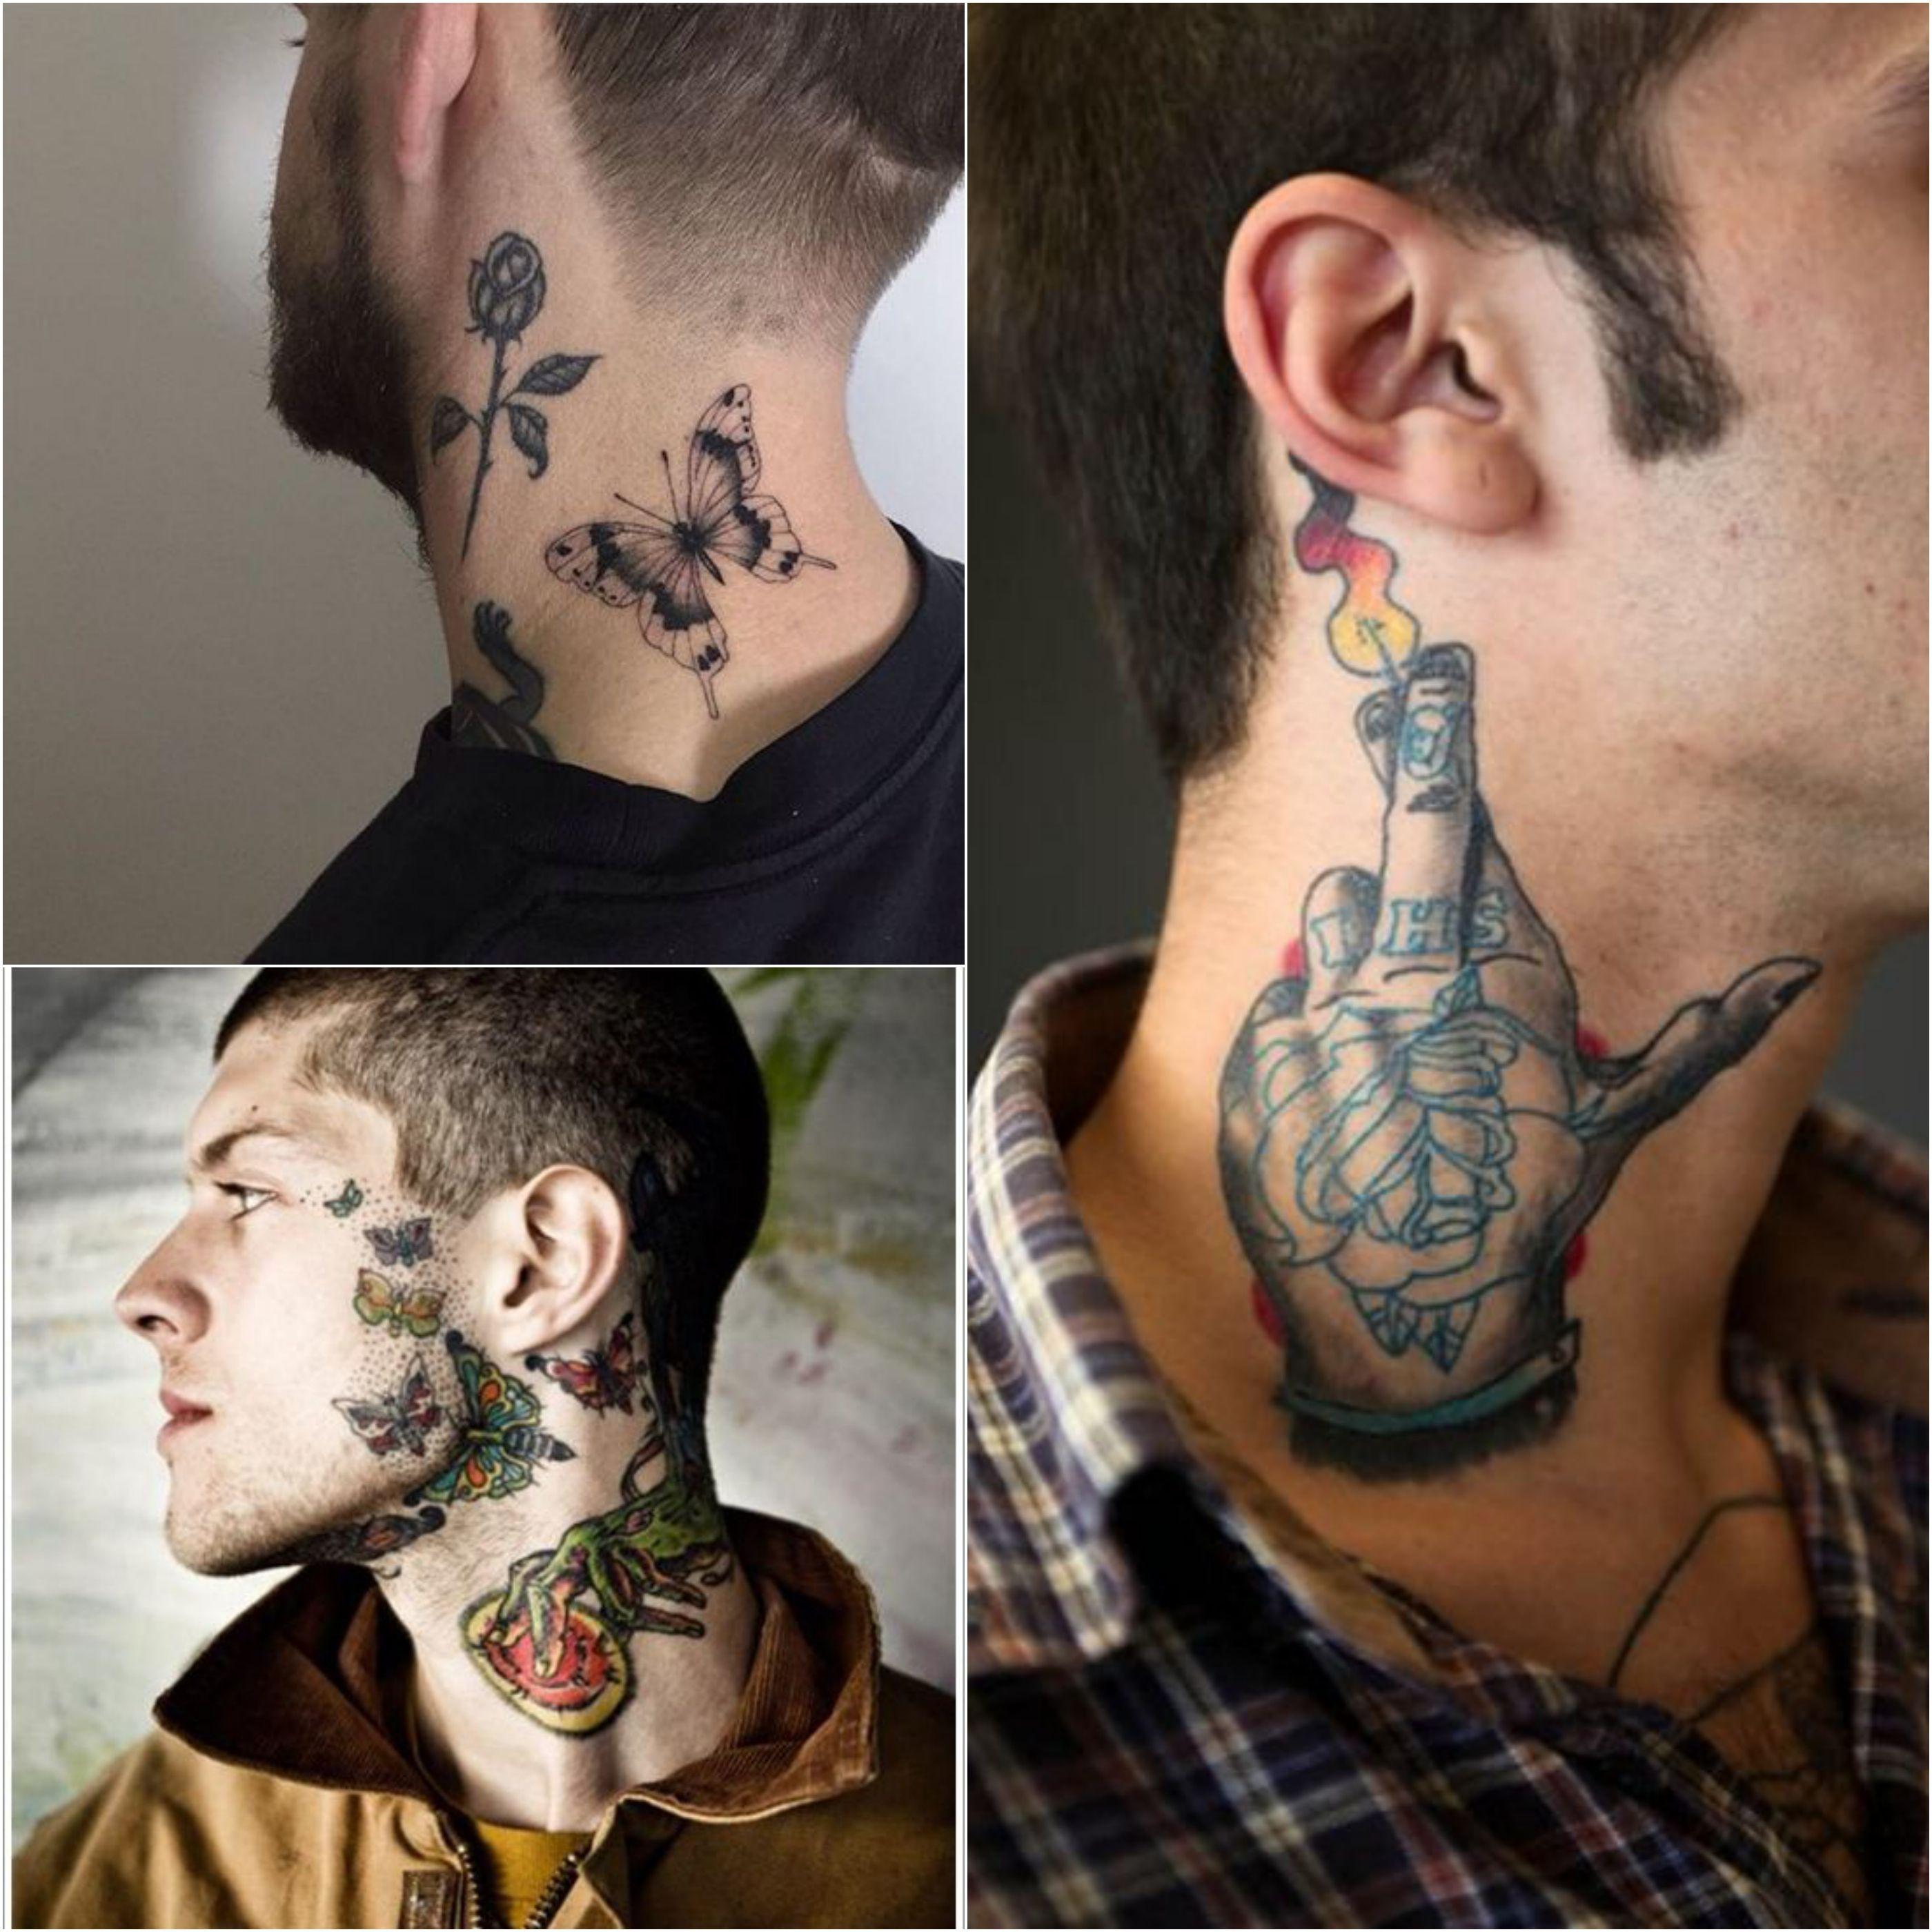 100 Best Neck Tattoo Designs Creative Neck Tattoo Ideas Gallery